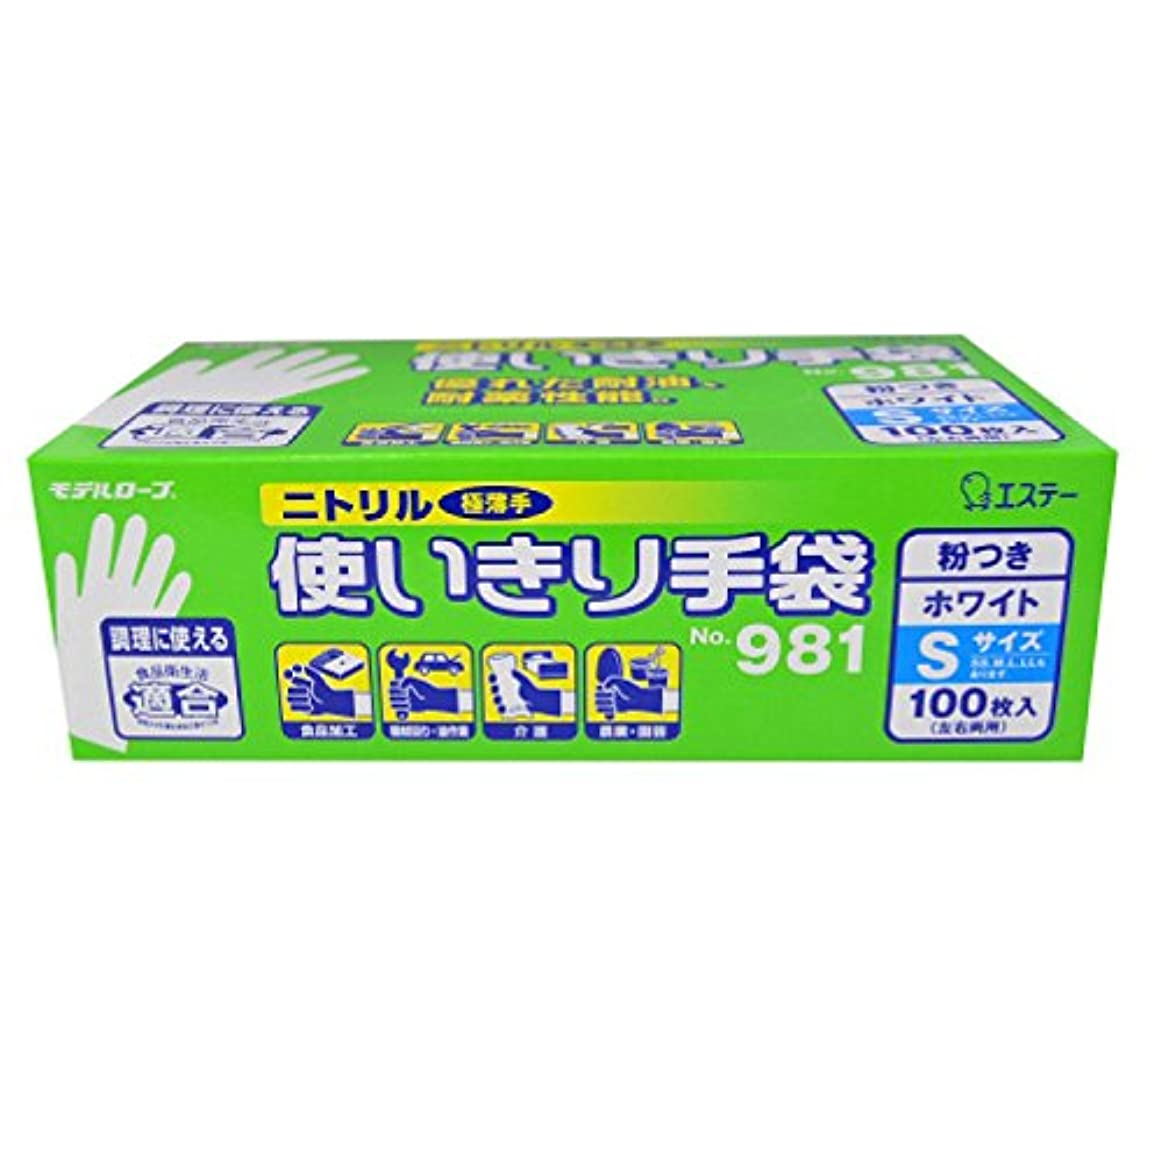 肺明示的に枕エステー/ニトリル使いきり手袋 箱入 (粉つき) [100枚入]/品番:981 サイズ:L カラー:ブルー